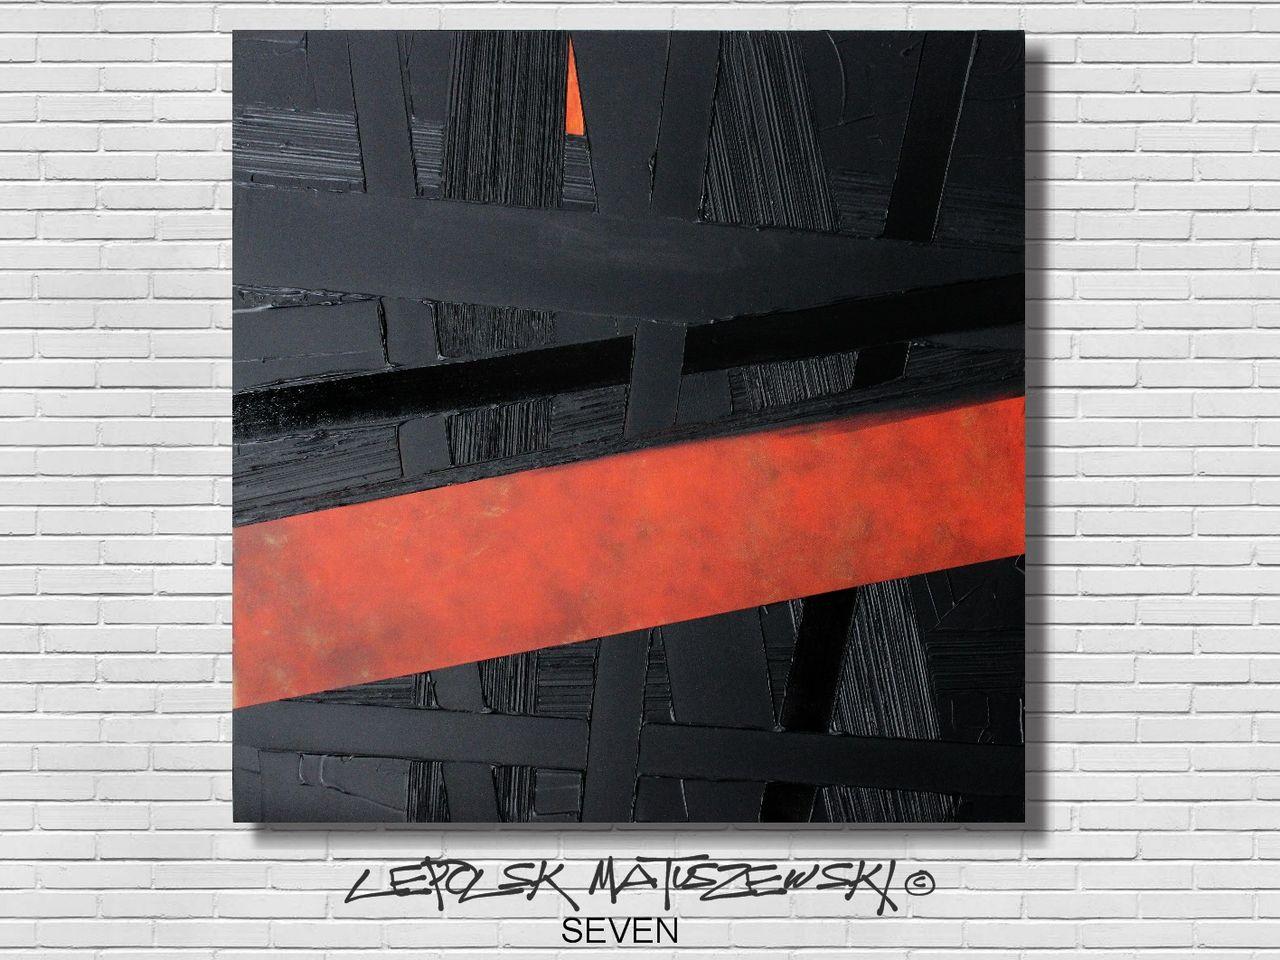 MISTER K  (Lepolsk Matuszewski) SEVEN  Expressionnisme abstrait